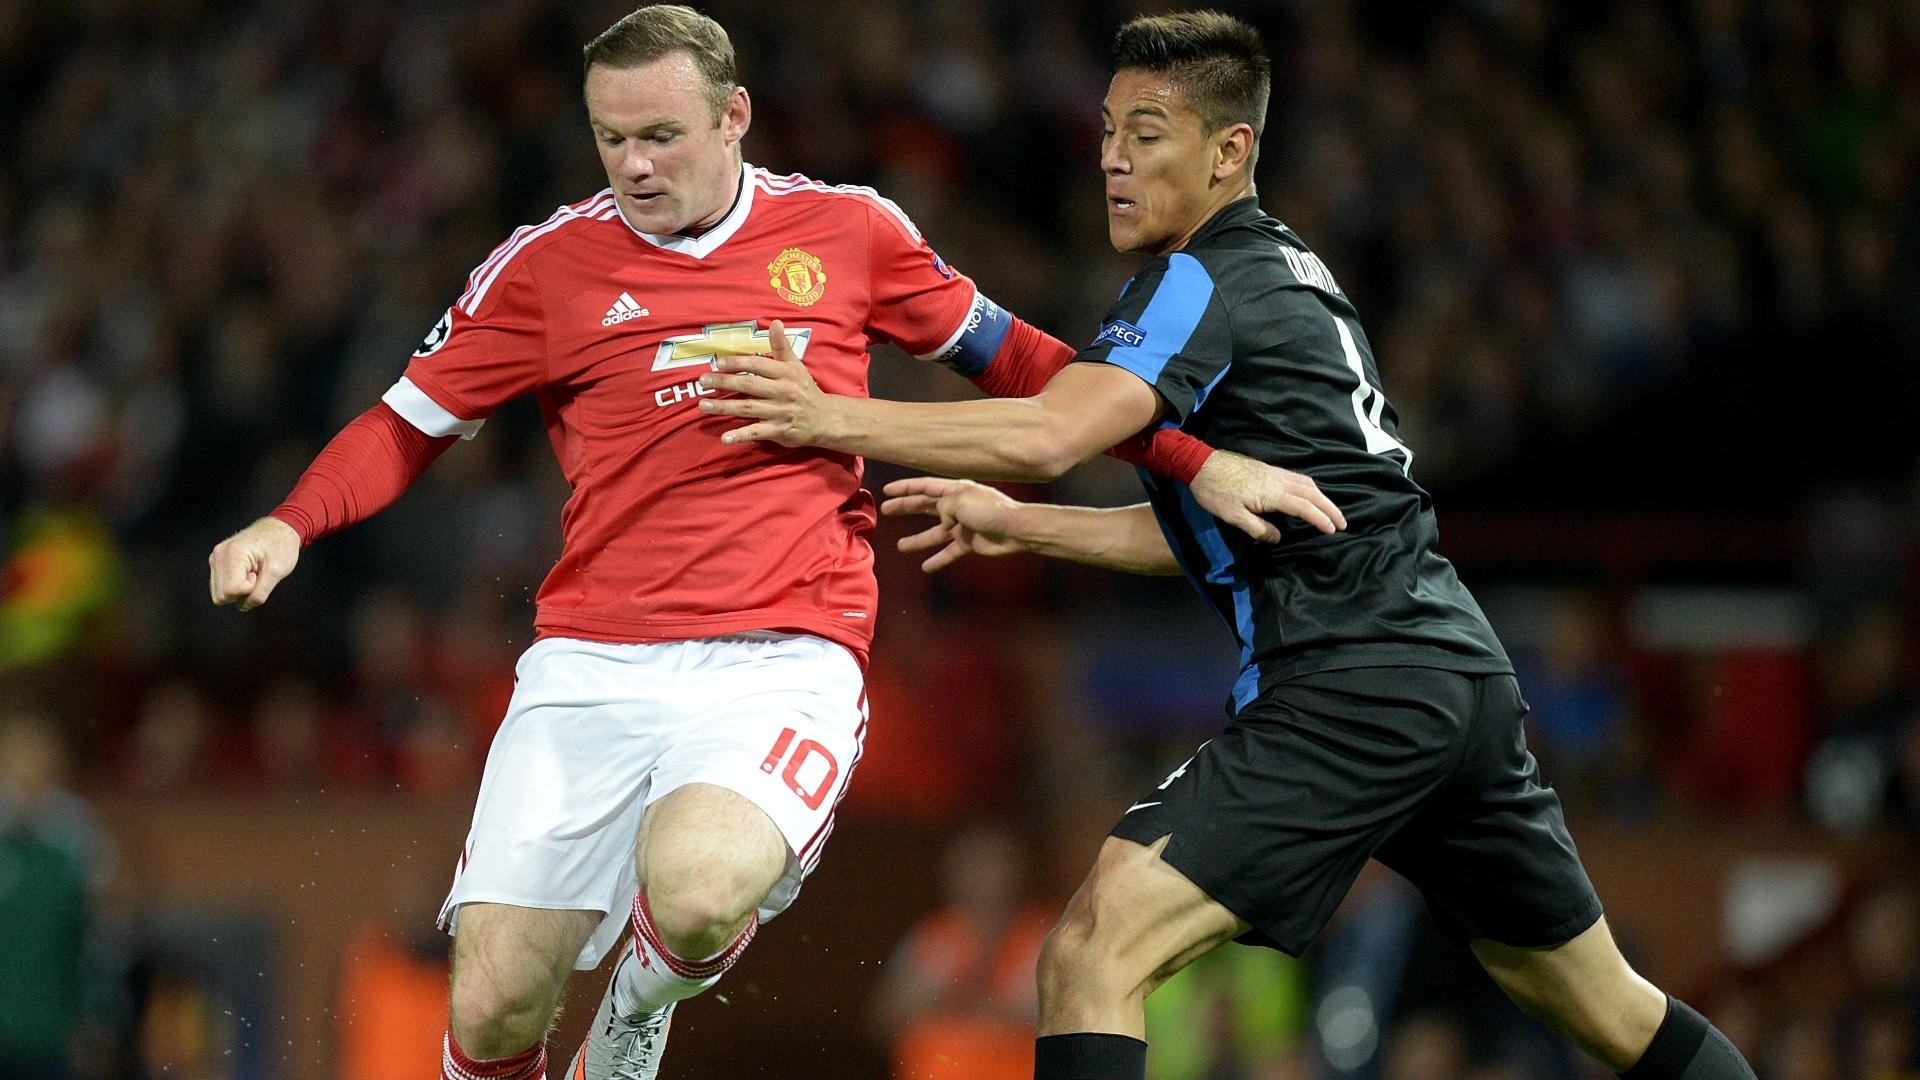 Rooney disputa bola com Oscar Duarte